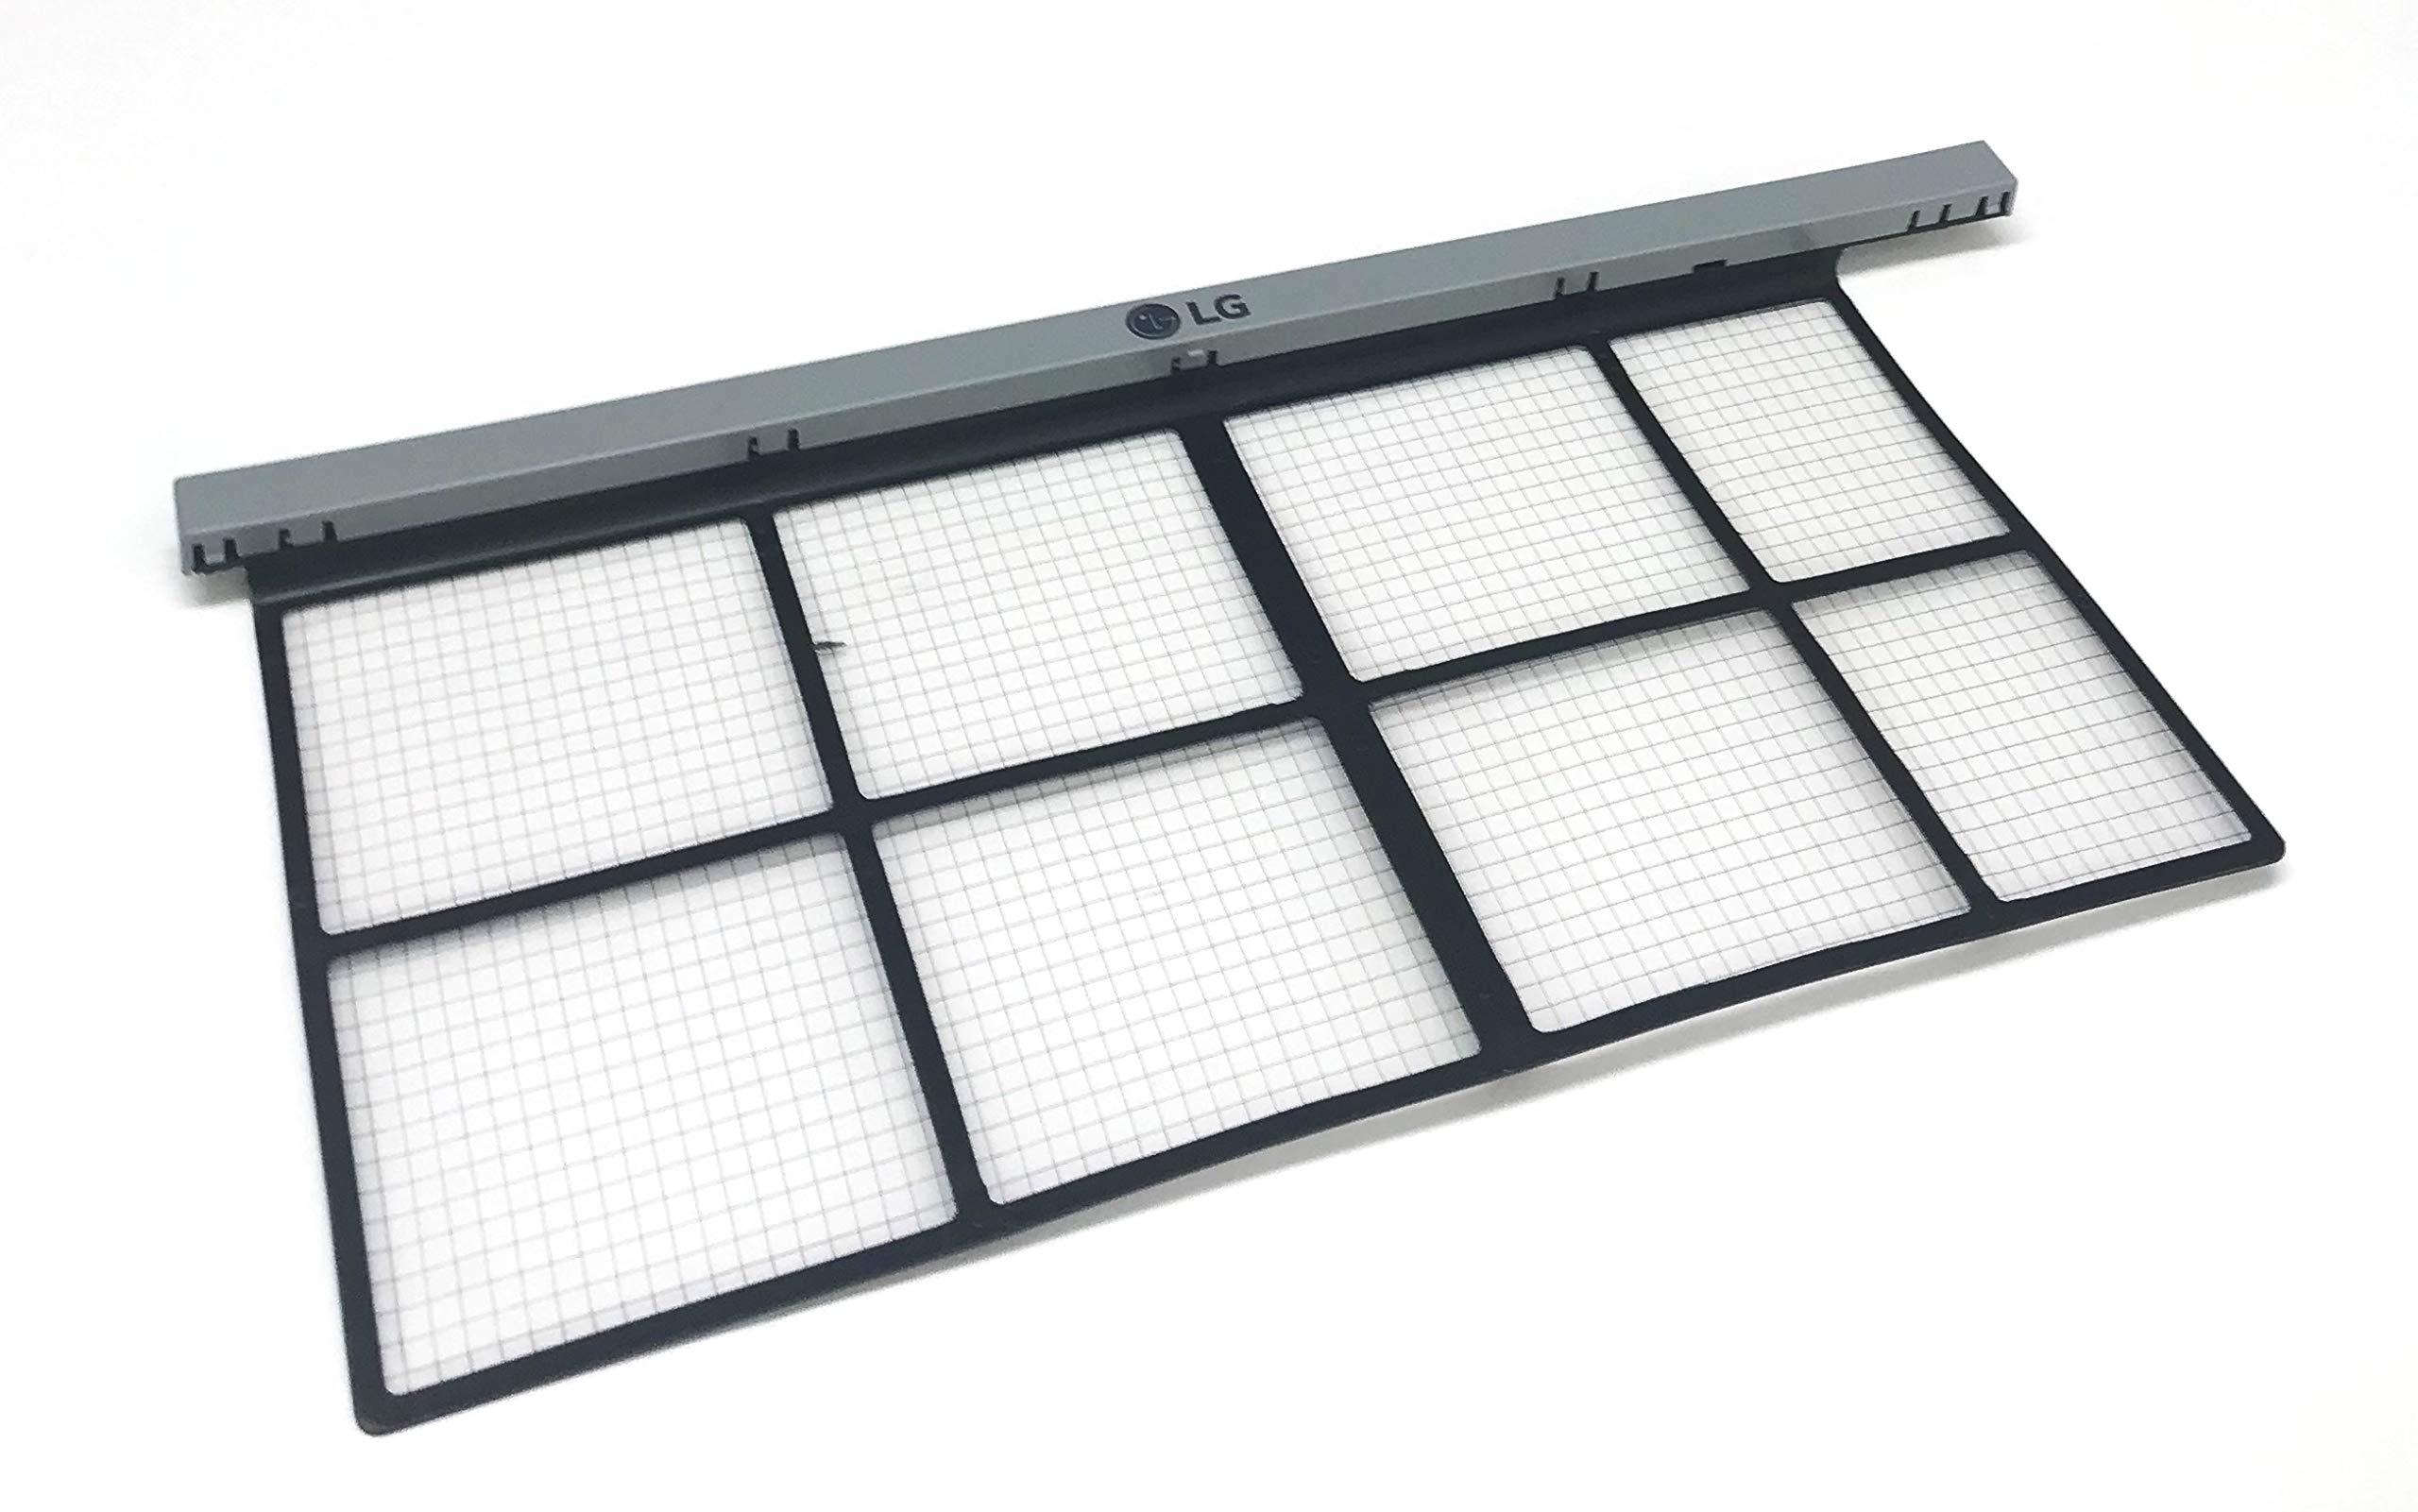 OEM LG Air Conditioner AC Filter For LG LW1014ER, LW1015ER by GenuineOEMLG